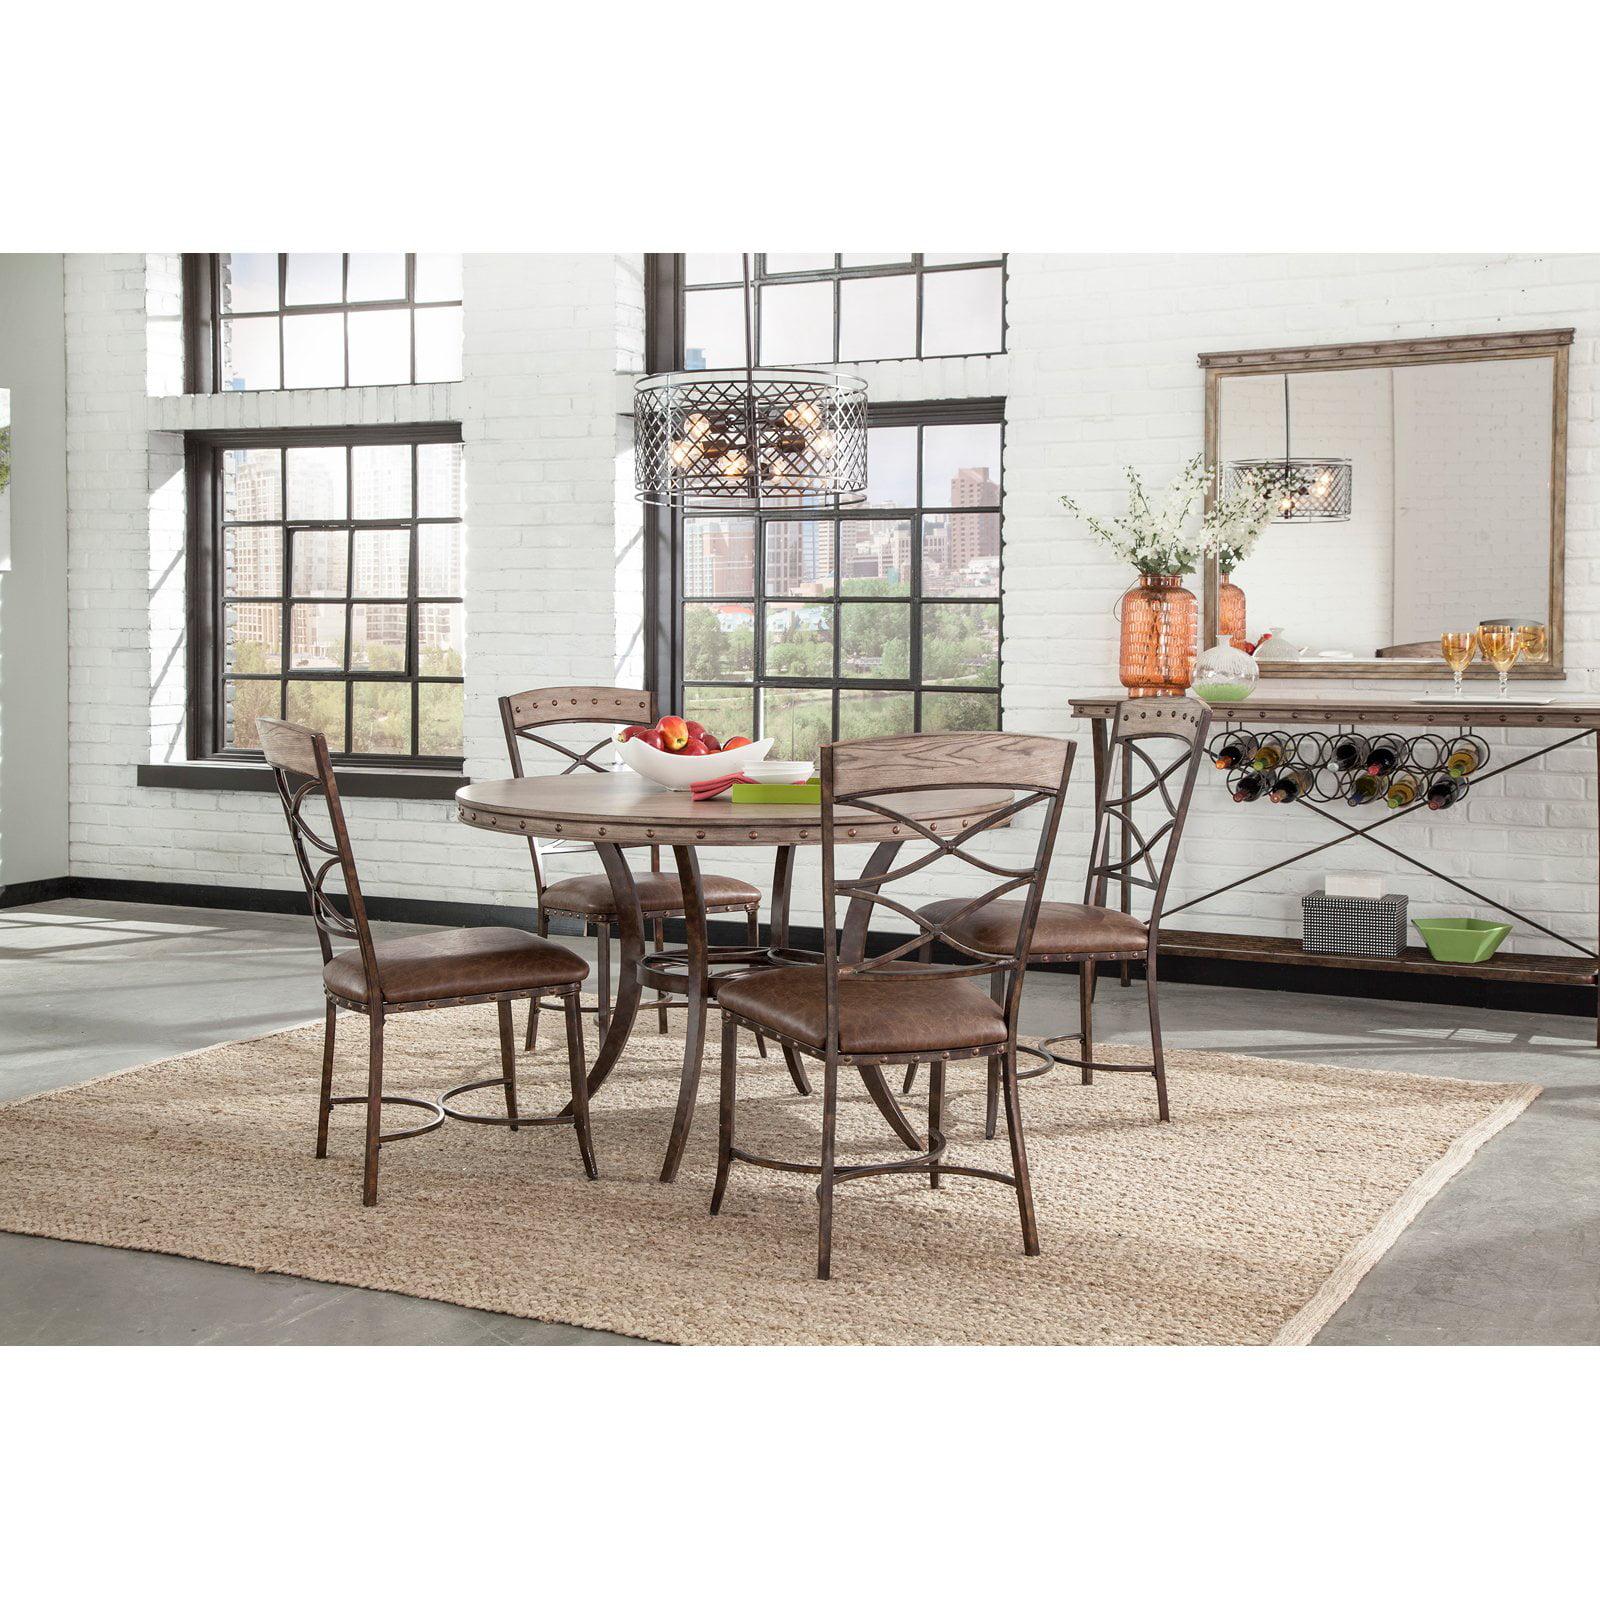 Hillsdale Furniture Emmons 5-Piece Round Dining Set